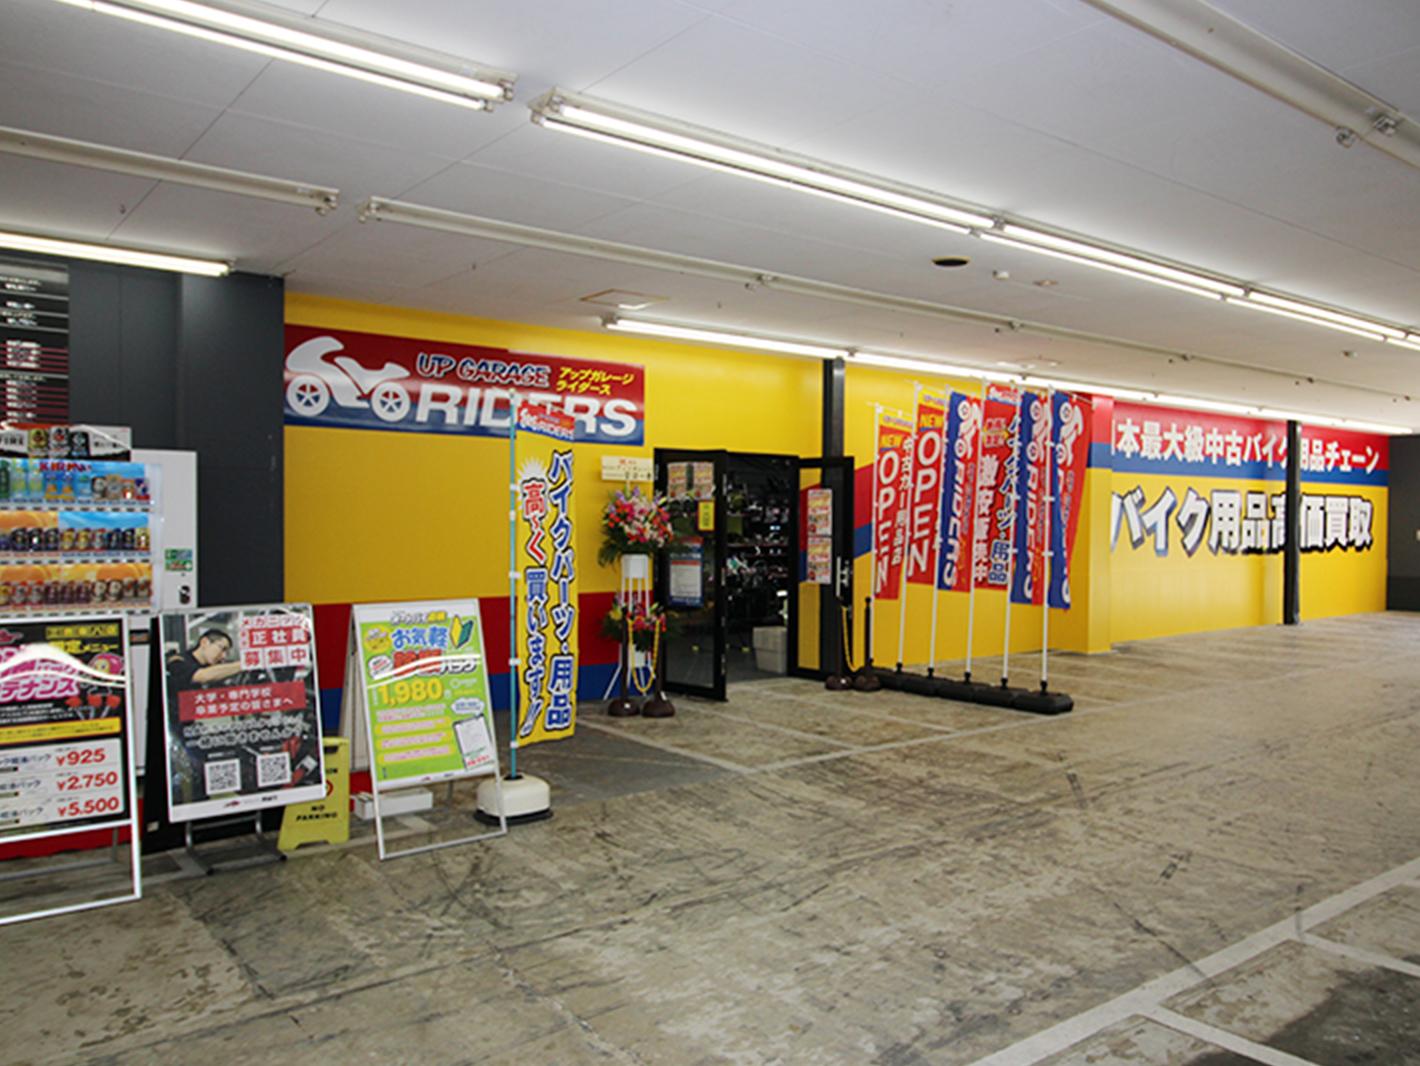 アップガレージライダース ナップス三鷹東八店